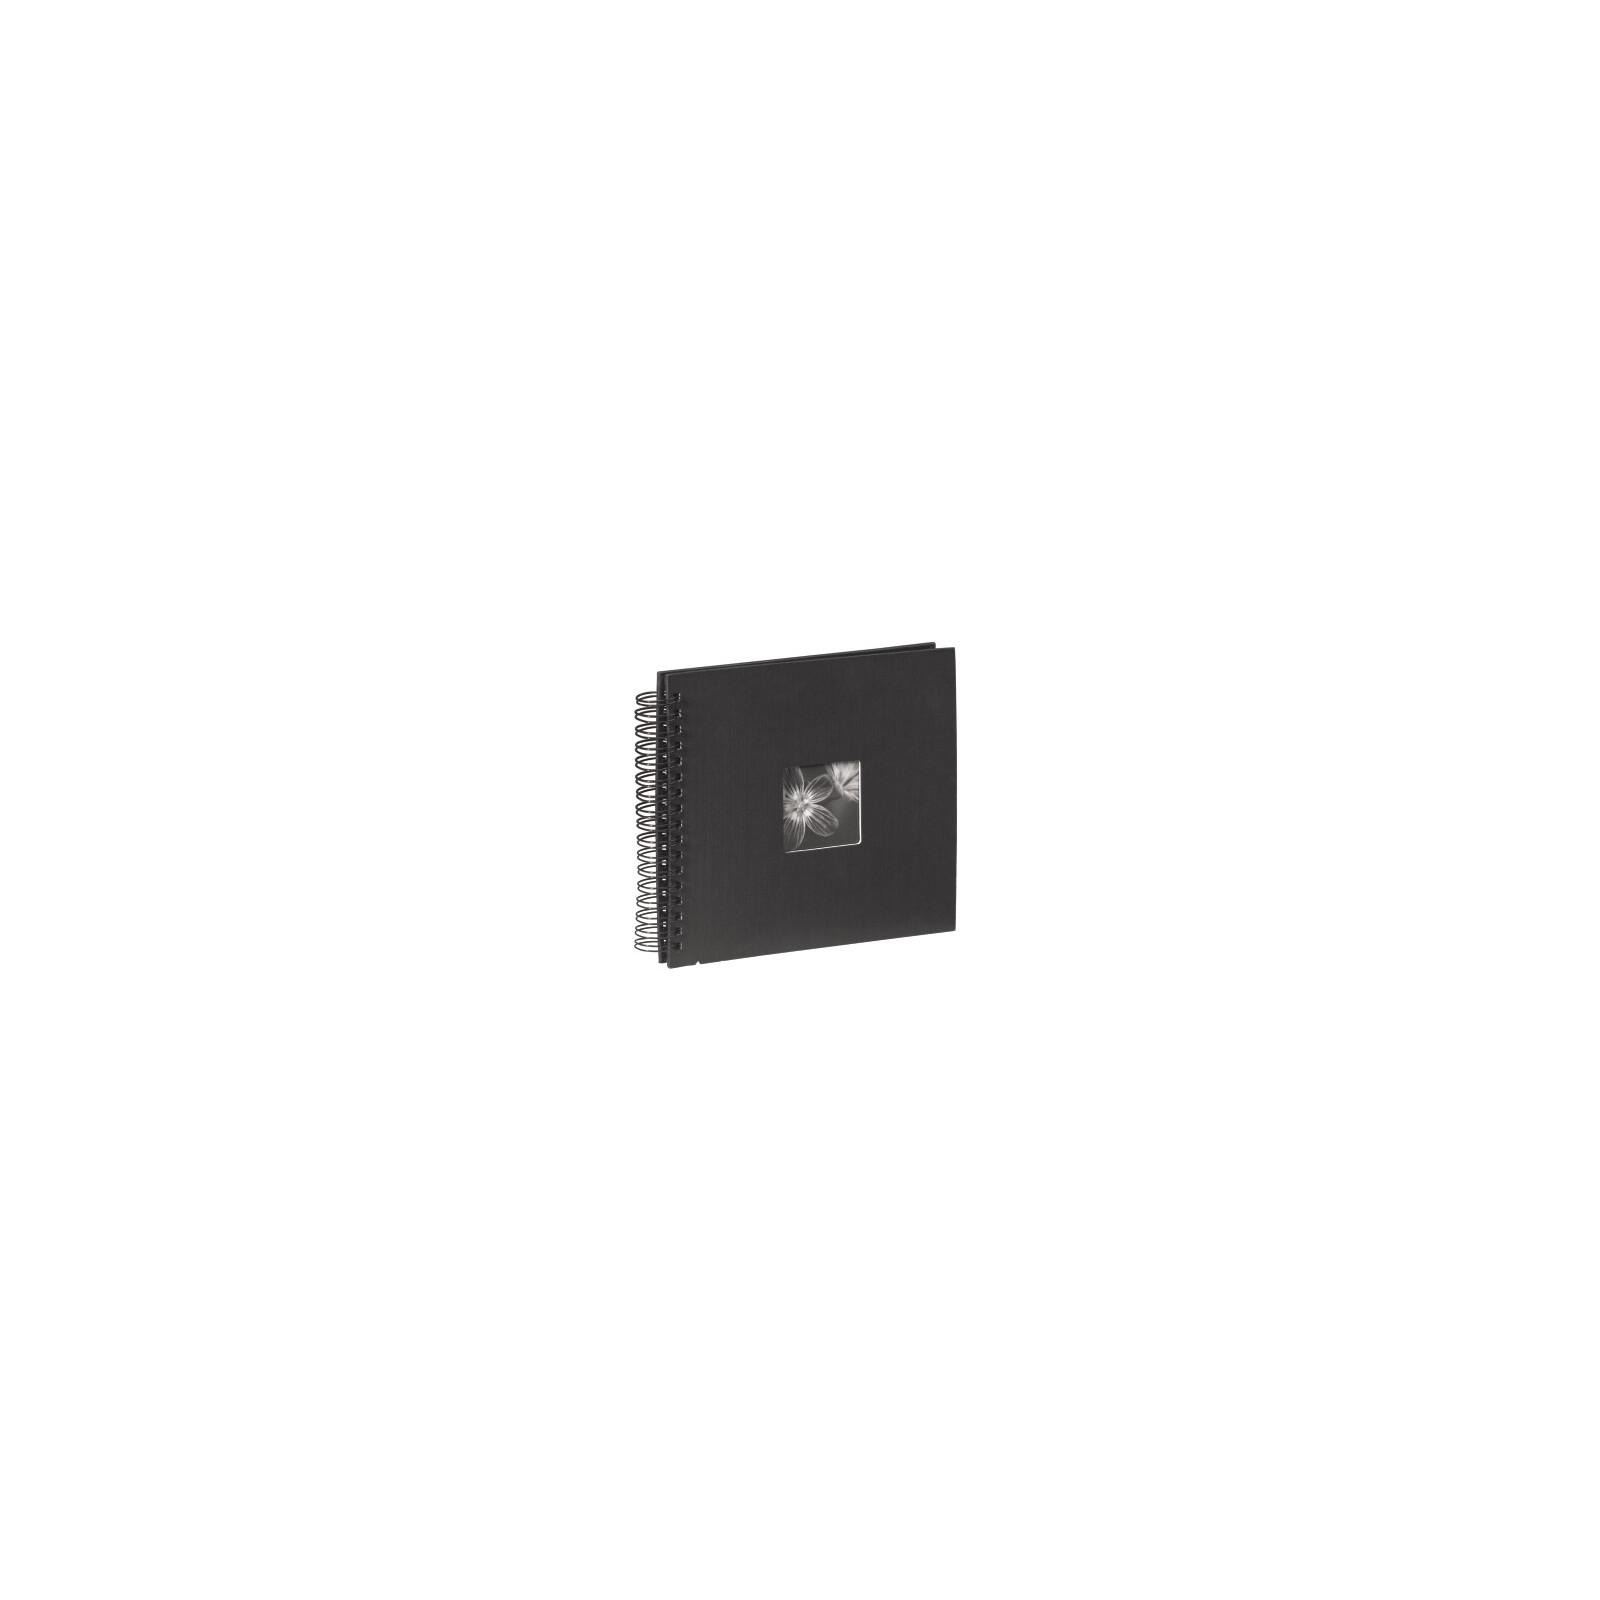 Hama Spiral Album 28x24cm 50 Seiten